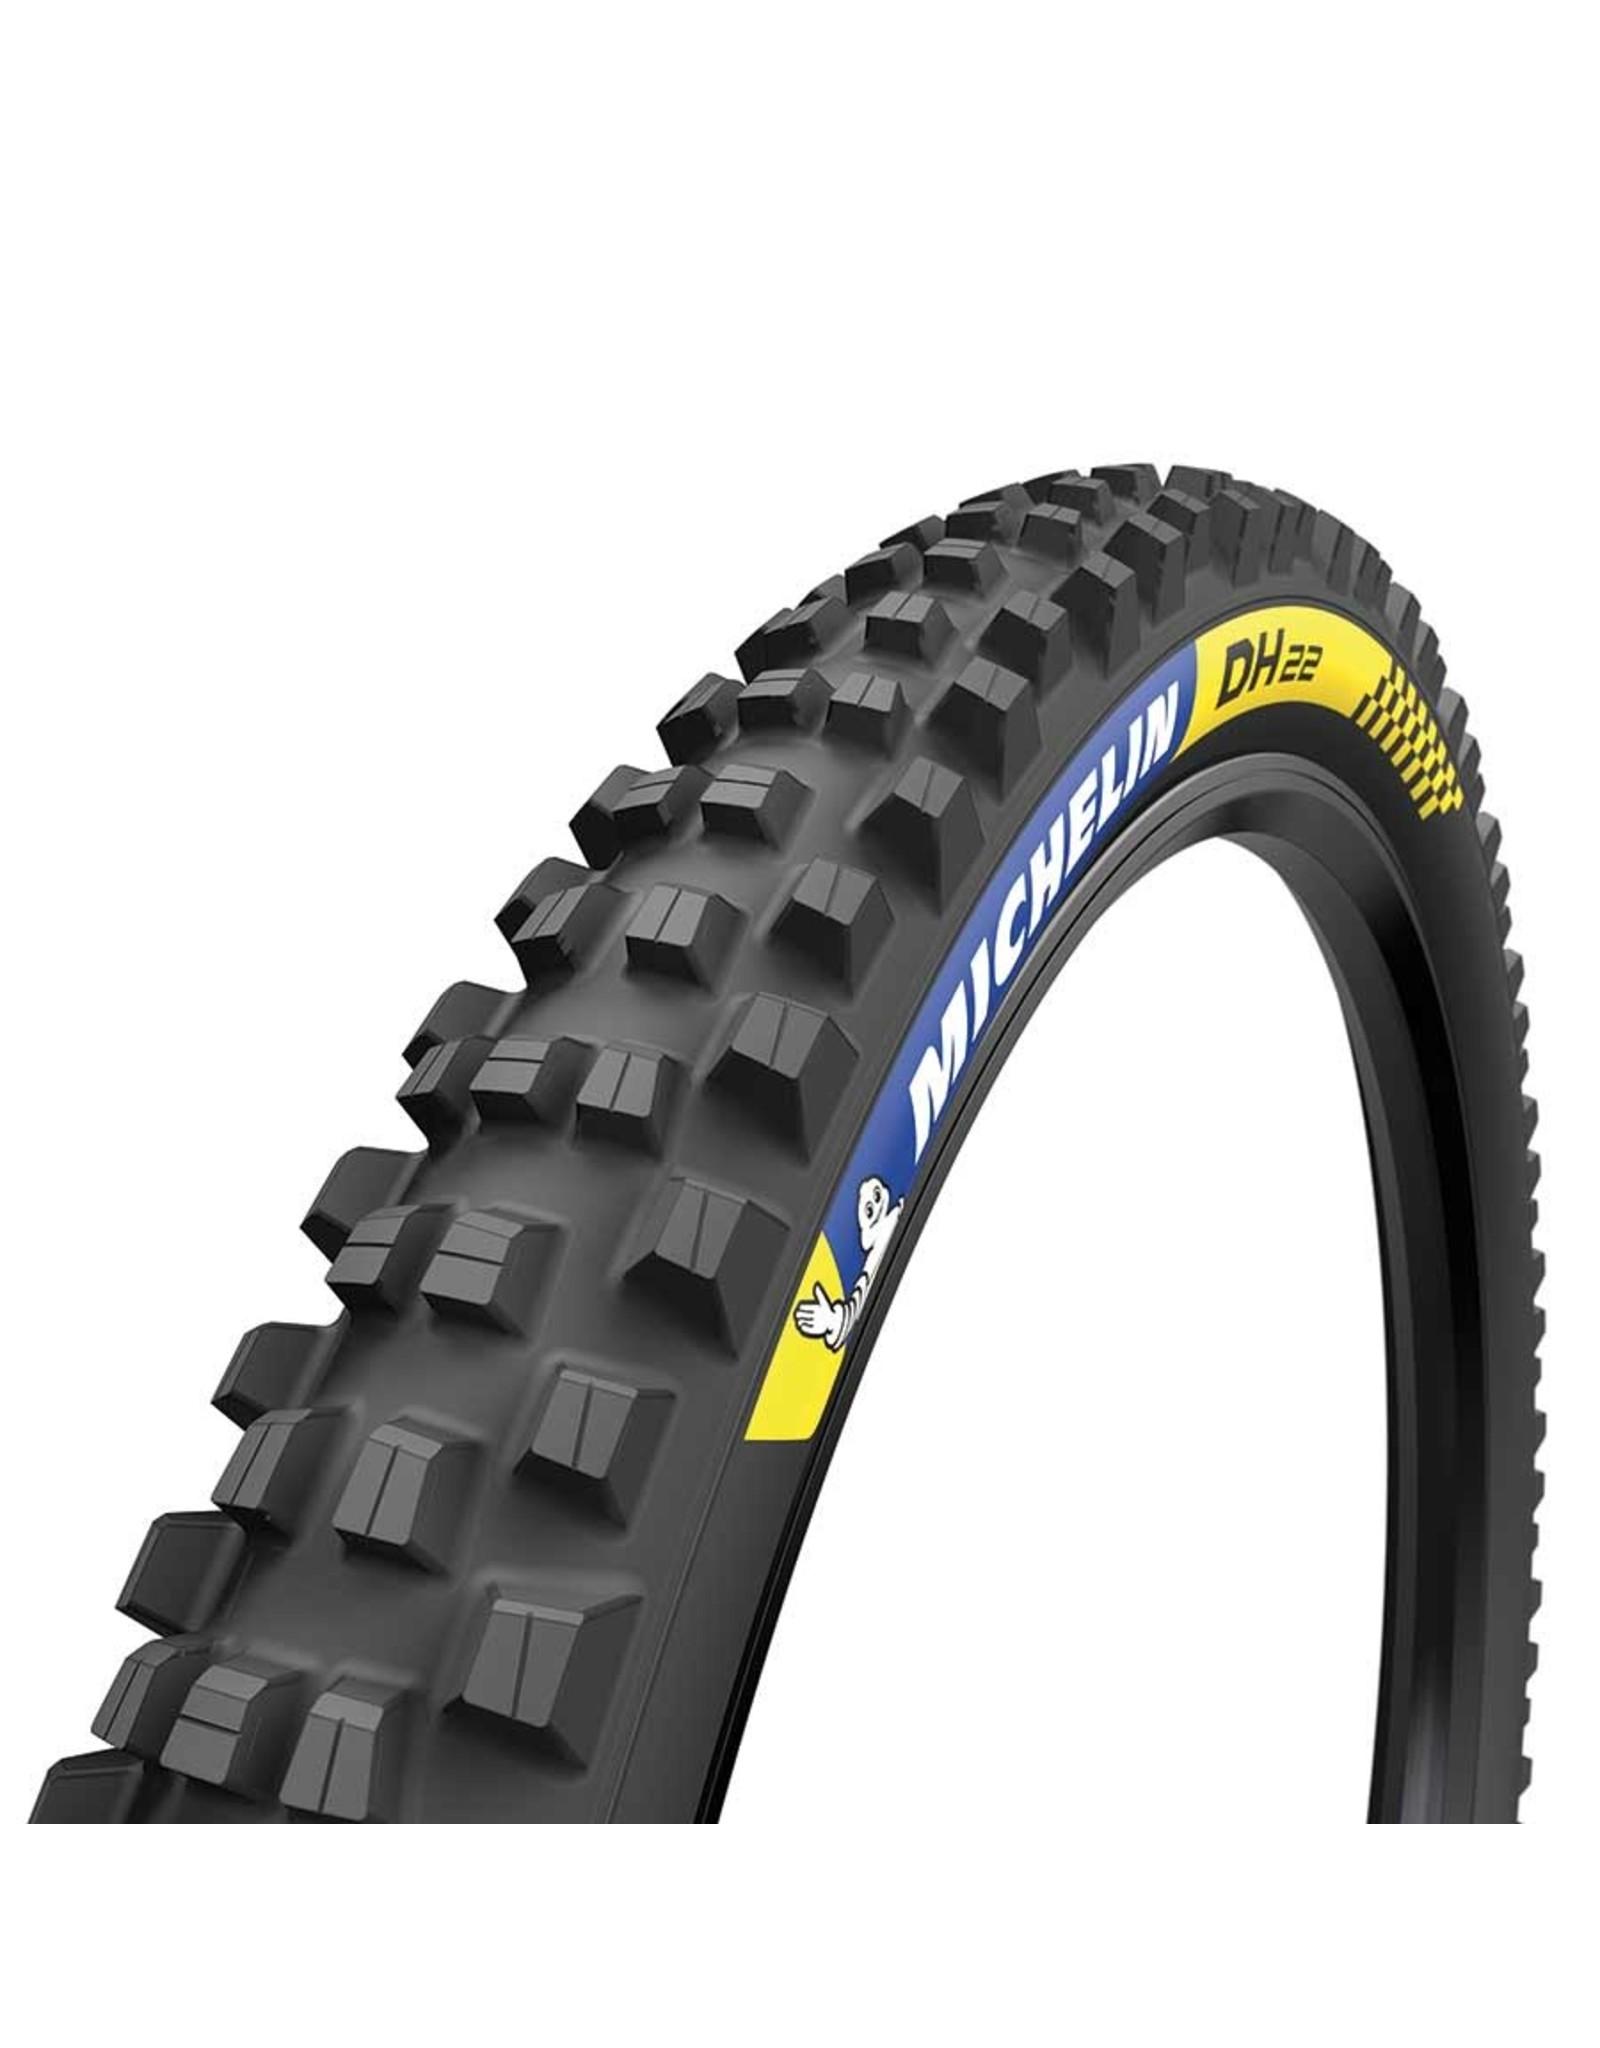 Michelin, DH22, Tire, 27.5''x2.40, Wire, Tubeless Ready, MAGI-X, Downhill Shield, 2x55TPI, Black